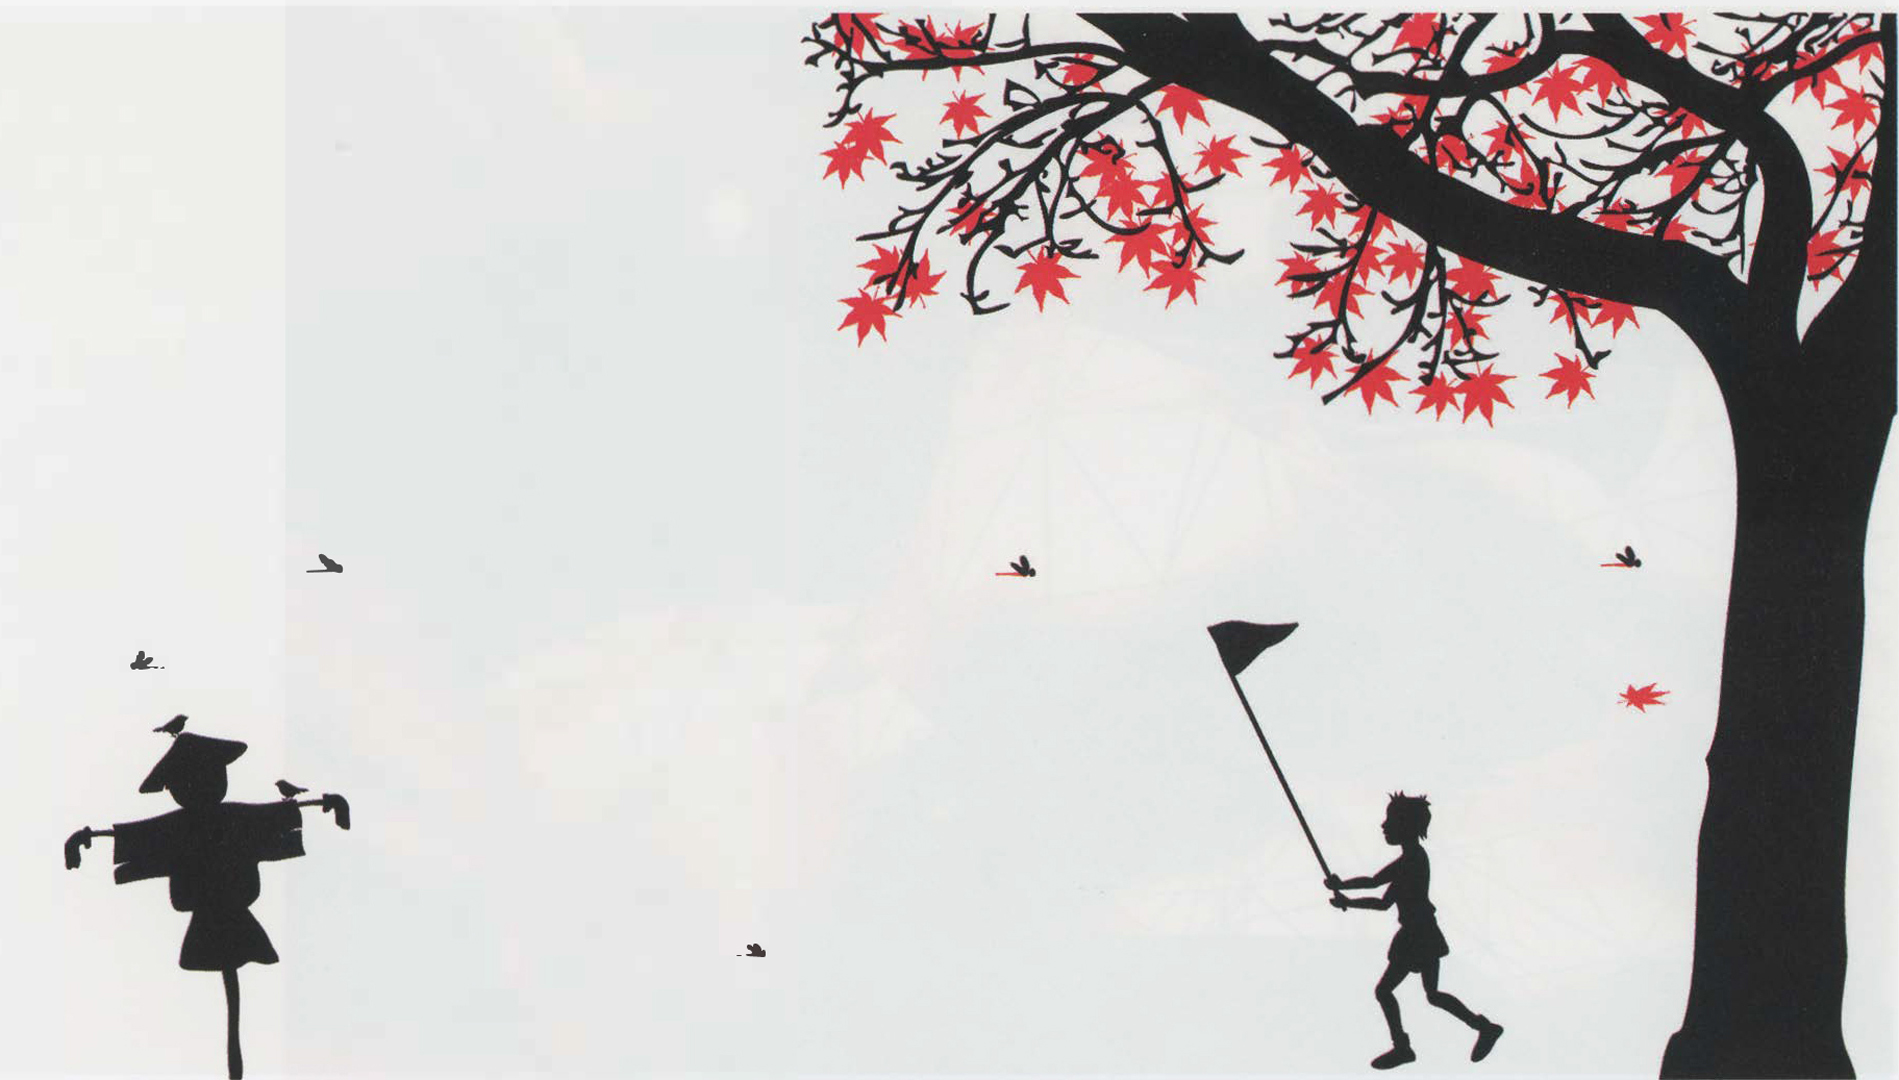 ©2007, Takashi Kawashima, Takashi's Seasons